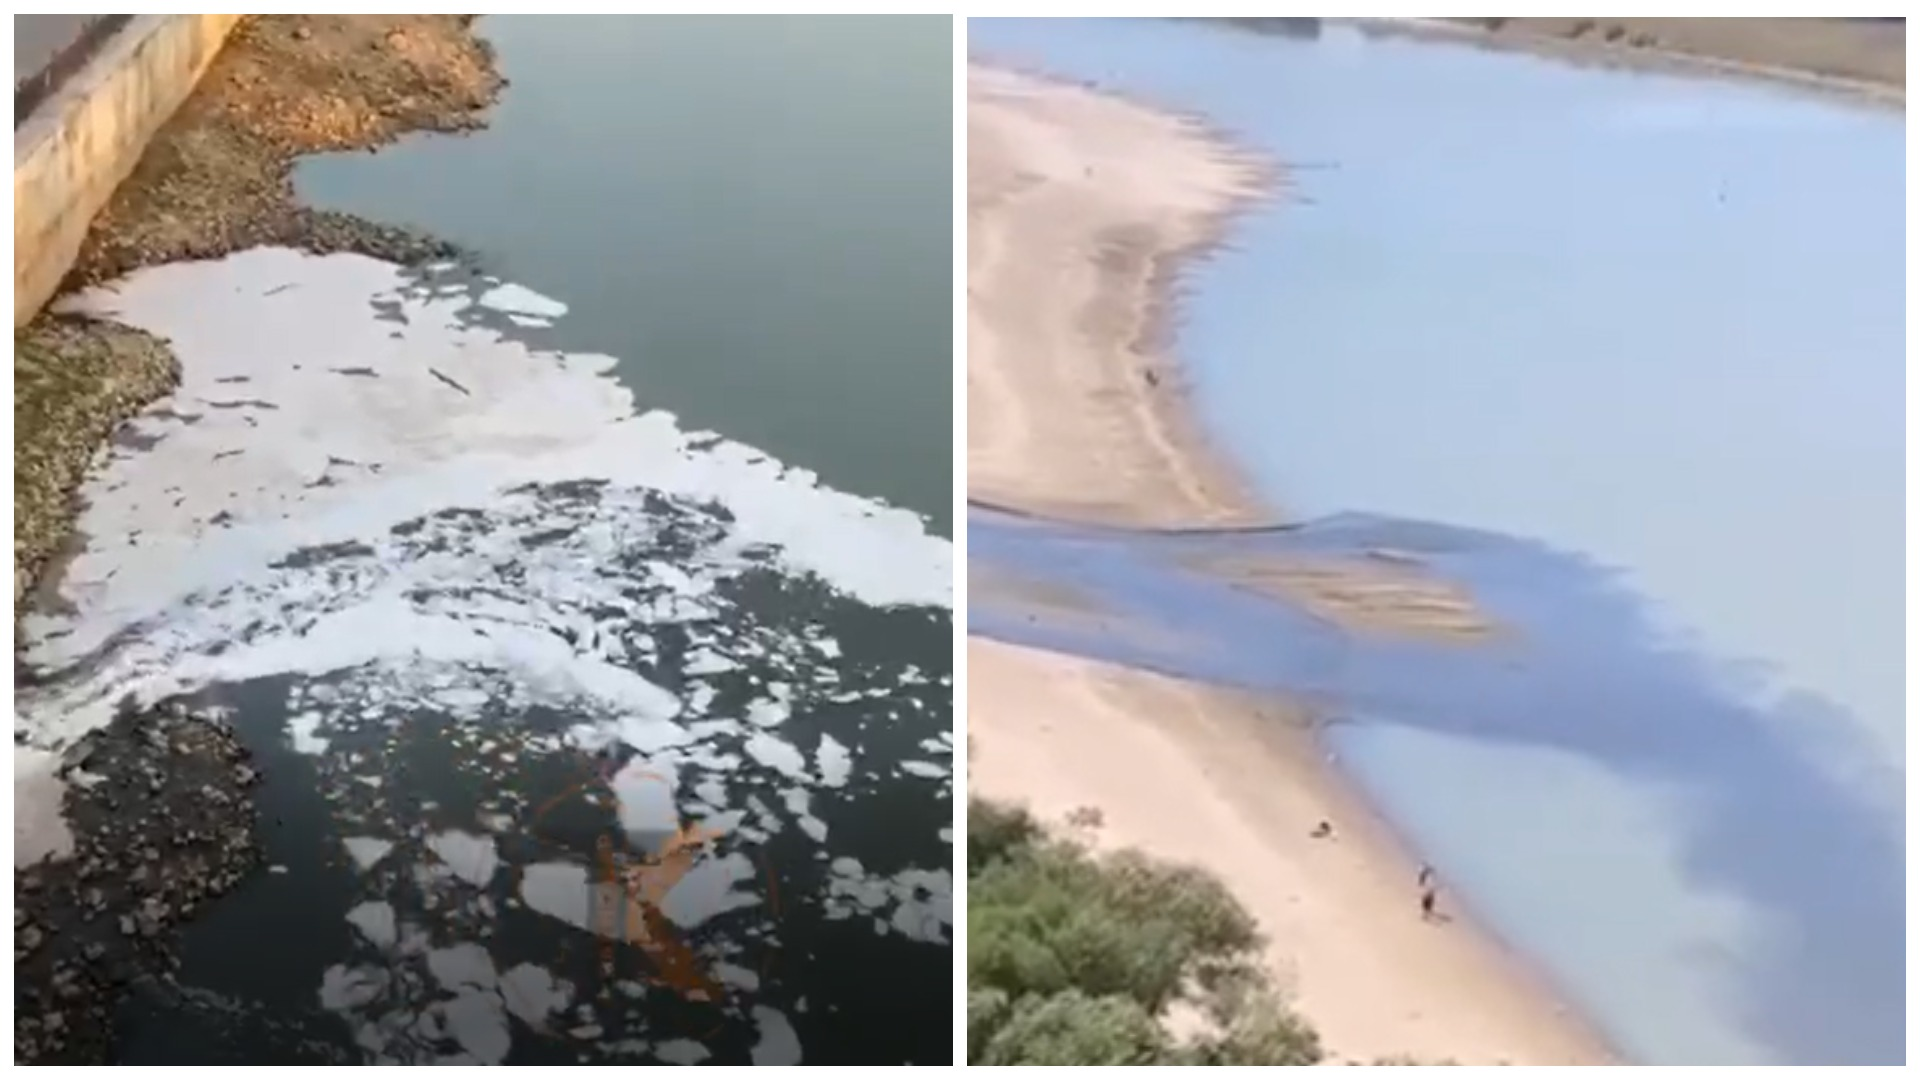 Мэрию Краснодара оштрафовали на 3,6 млн рублей за загрязнение реки Кубань